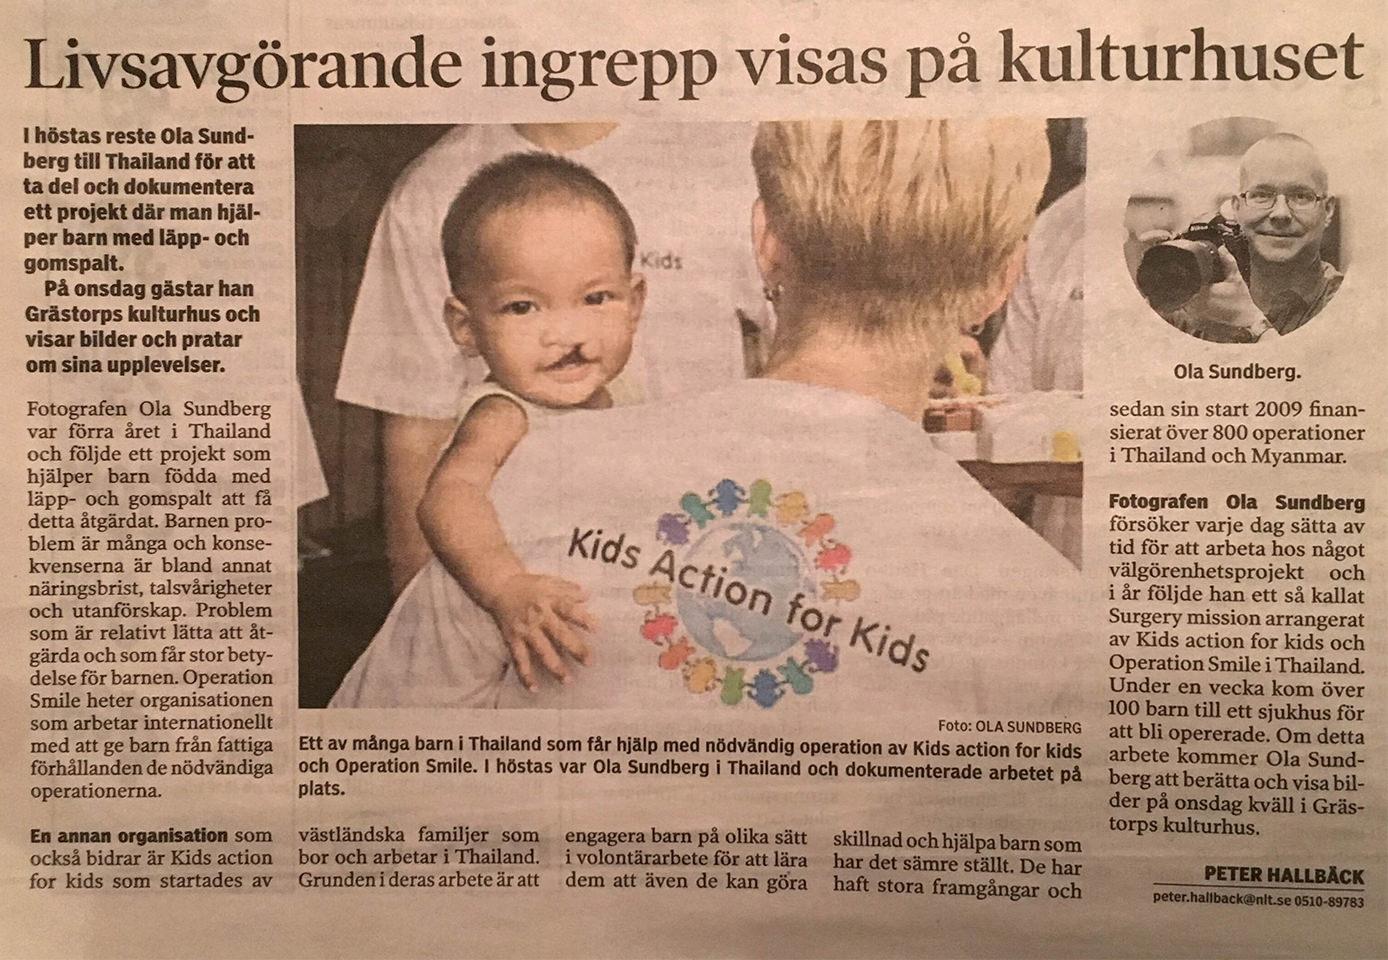 Nya Lidköpings-Tidningen – Sweden